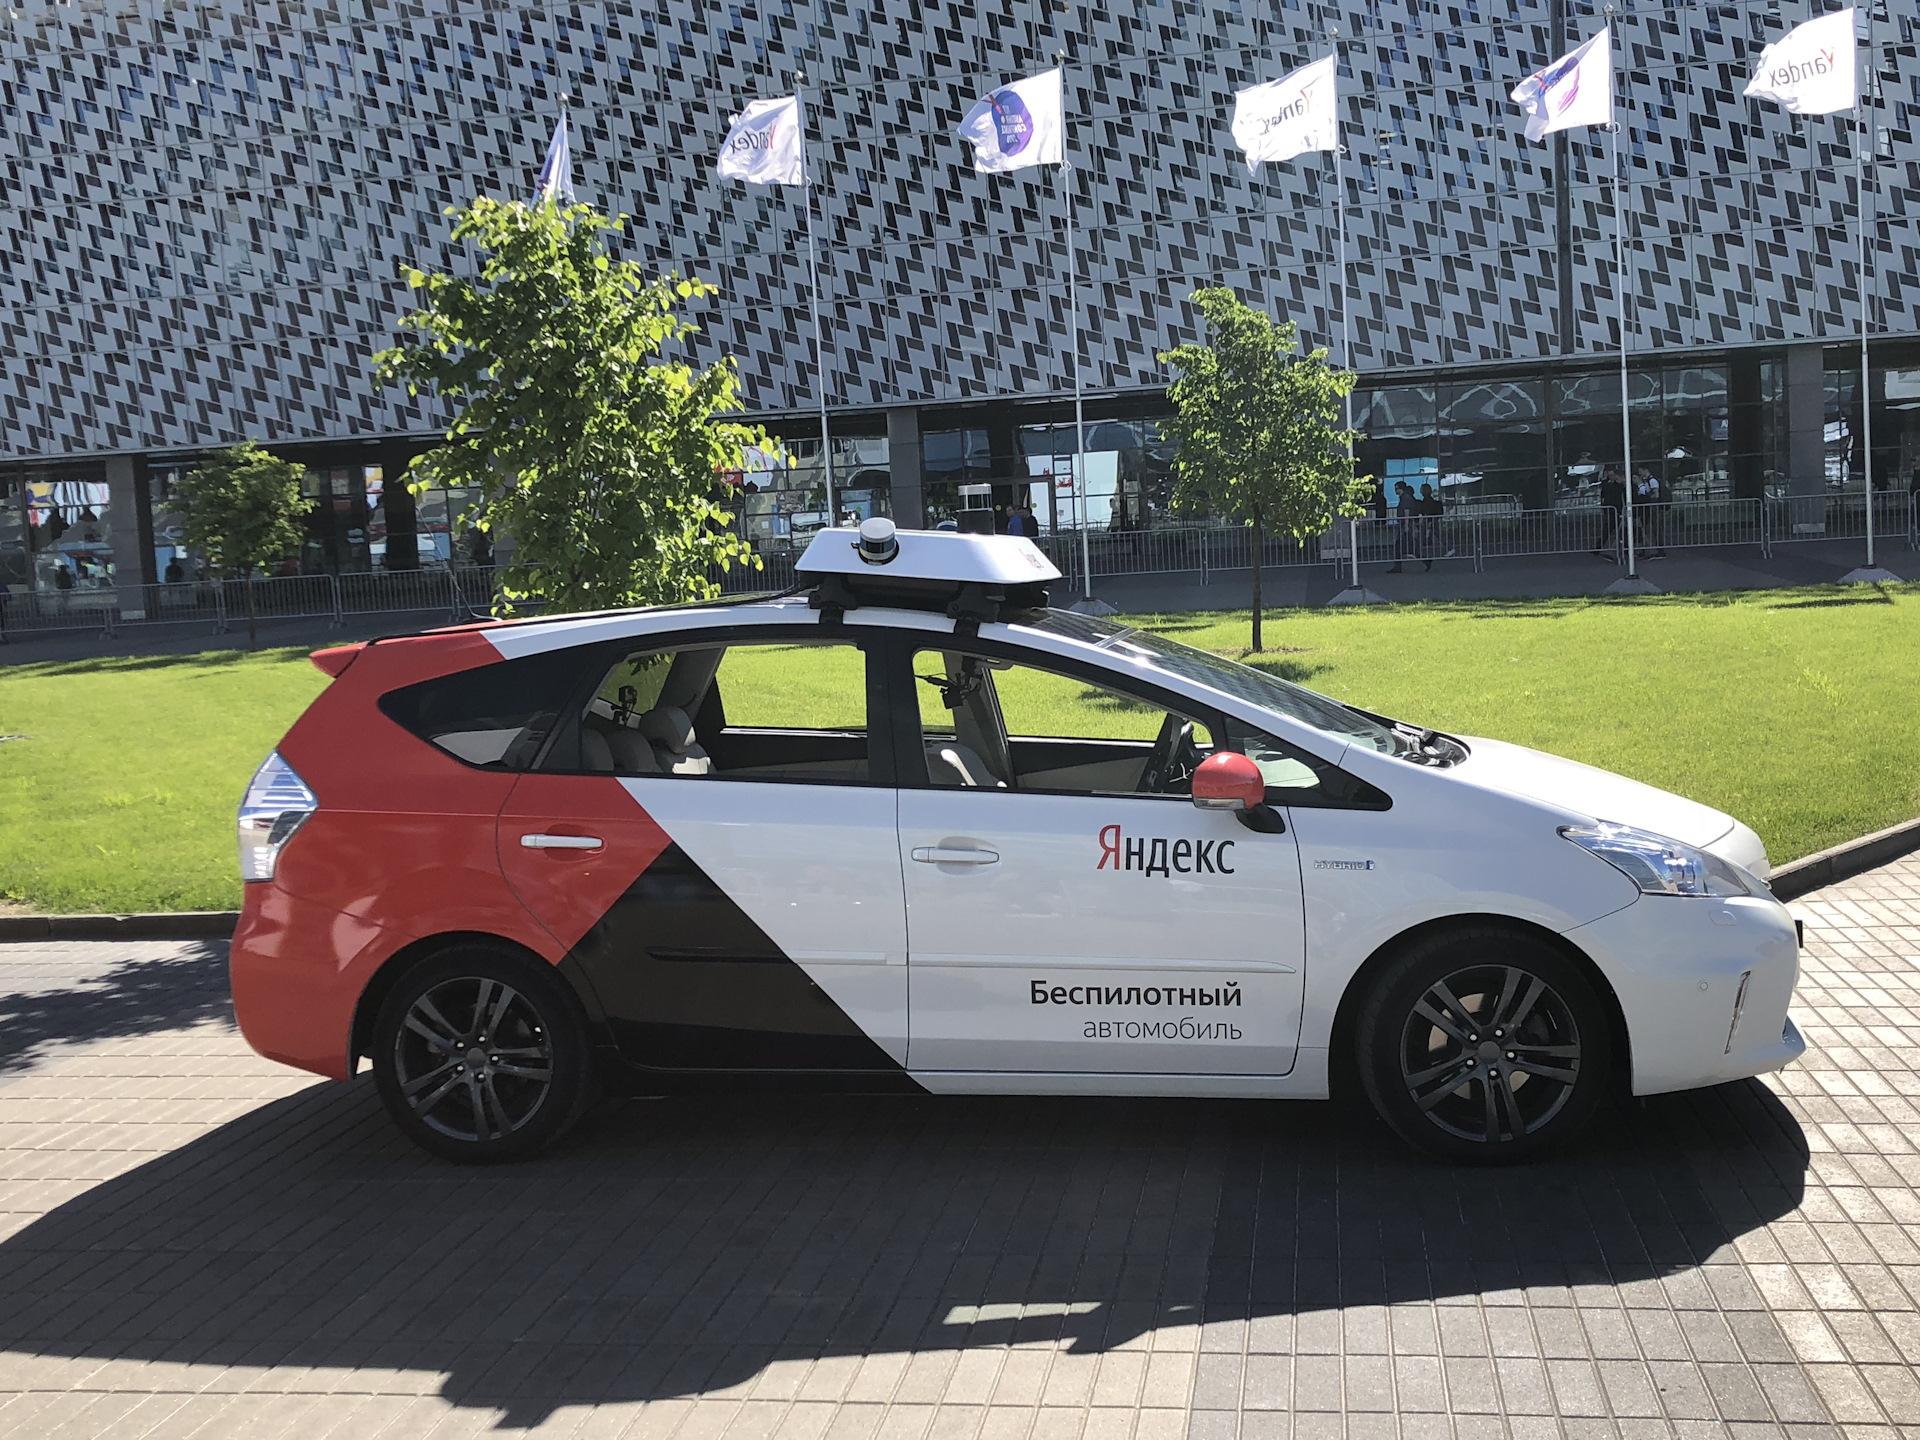 Старт новой разработки автопилотируемых автомобилей от компаний Hyundai и «Яндекс»